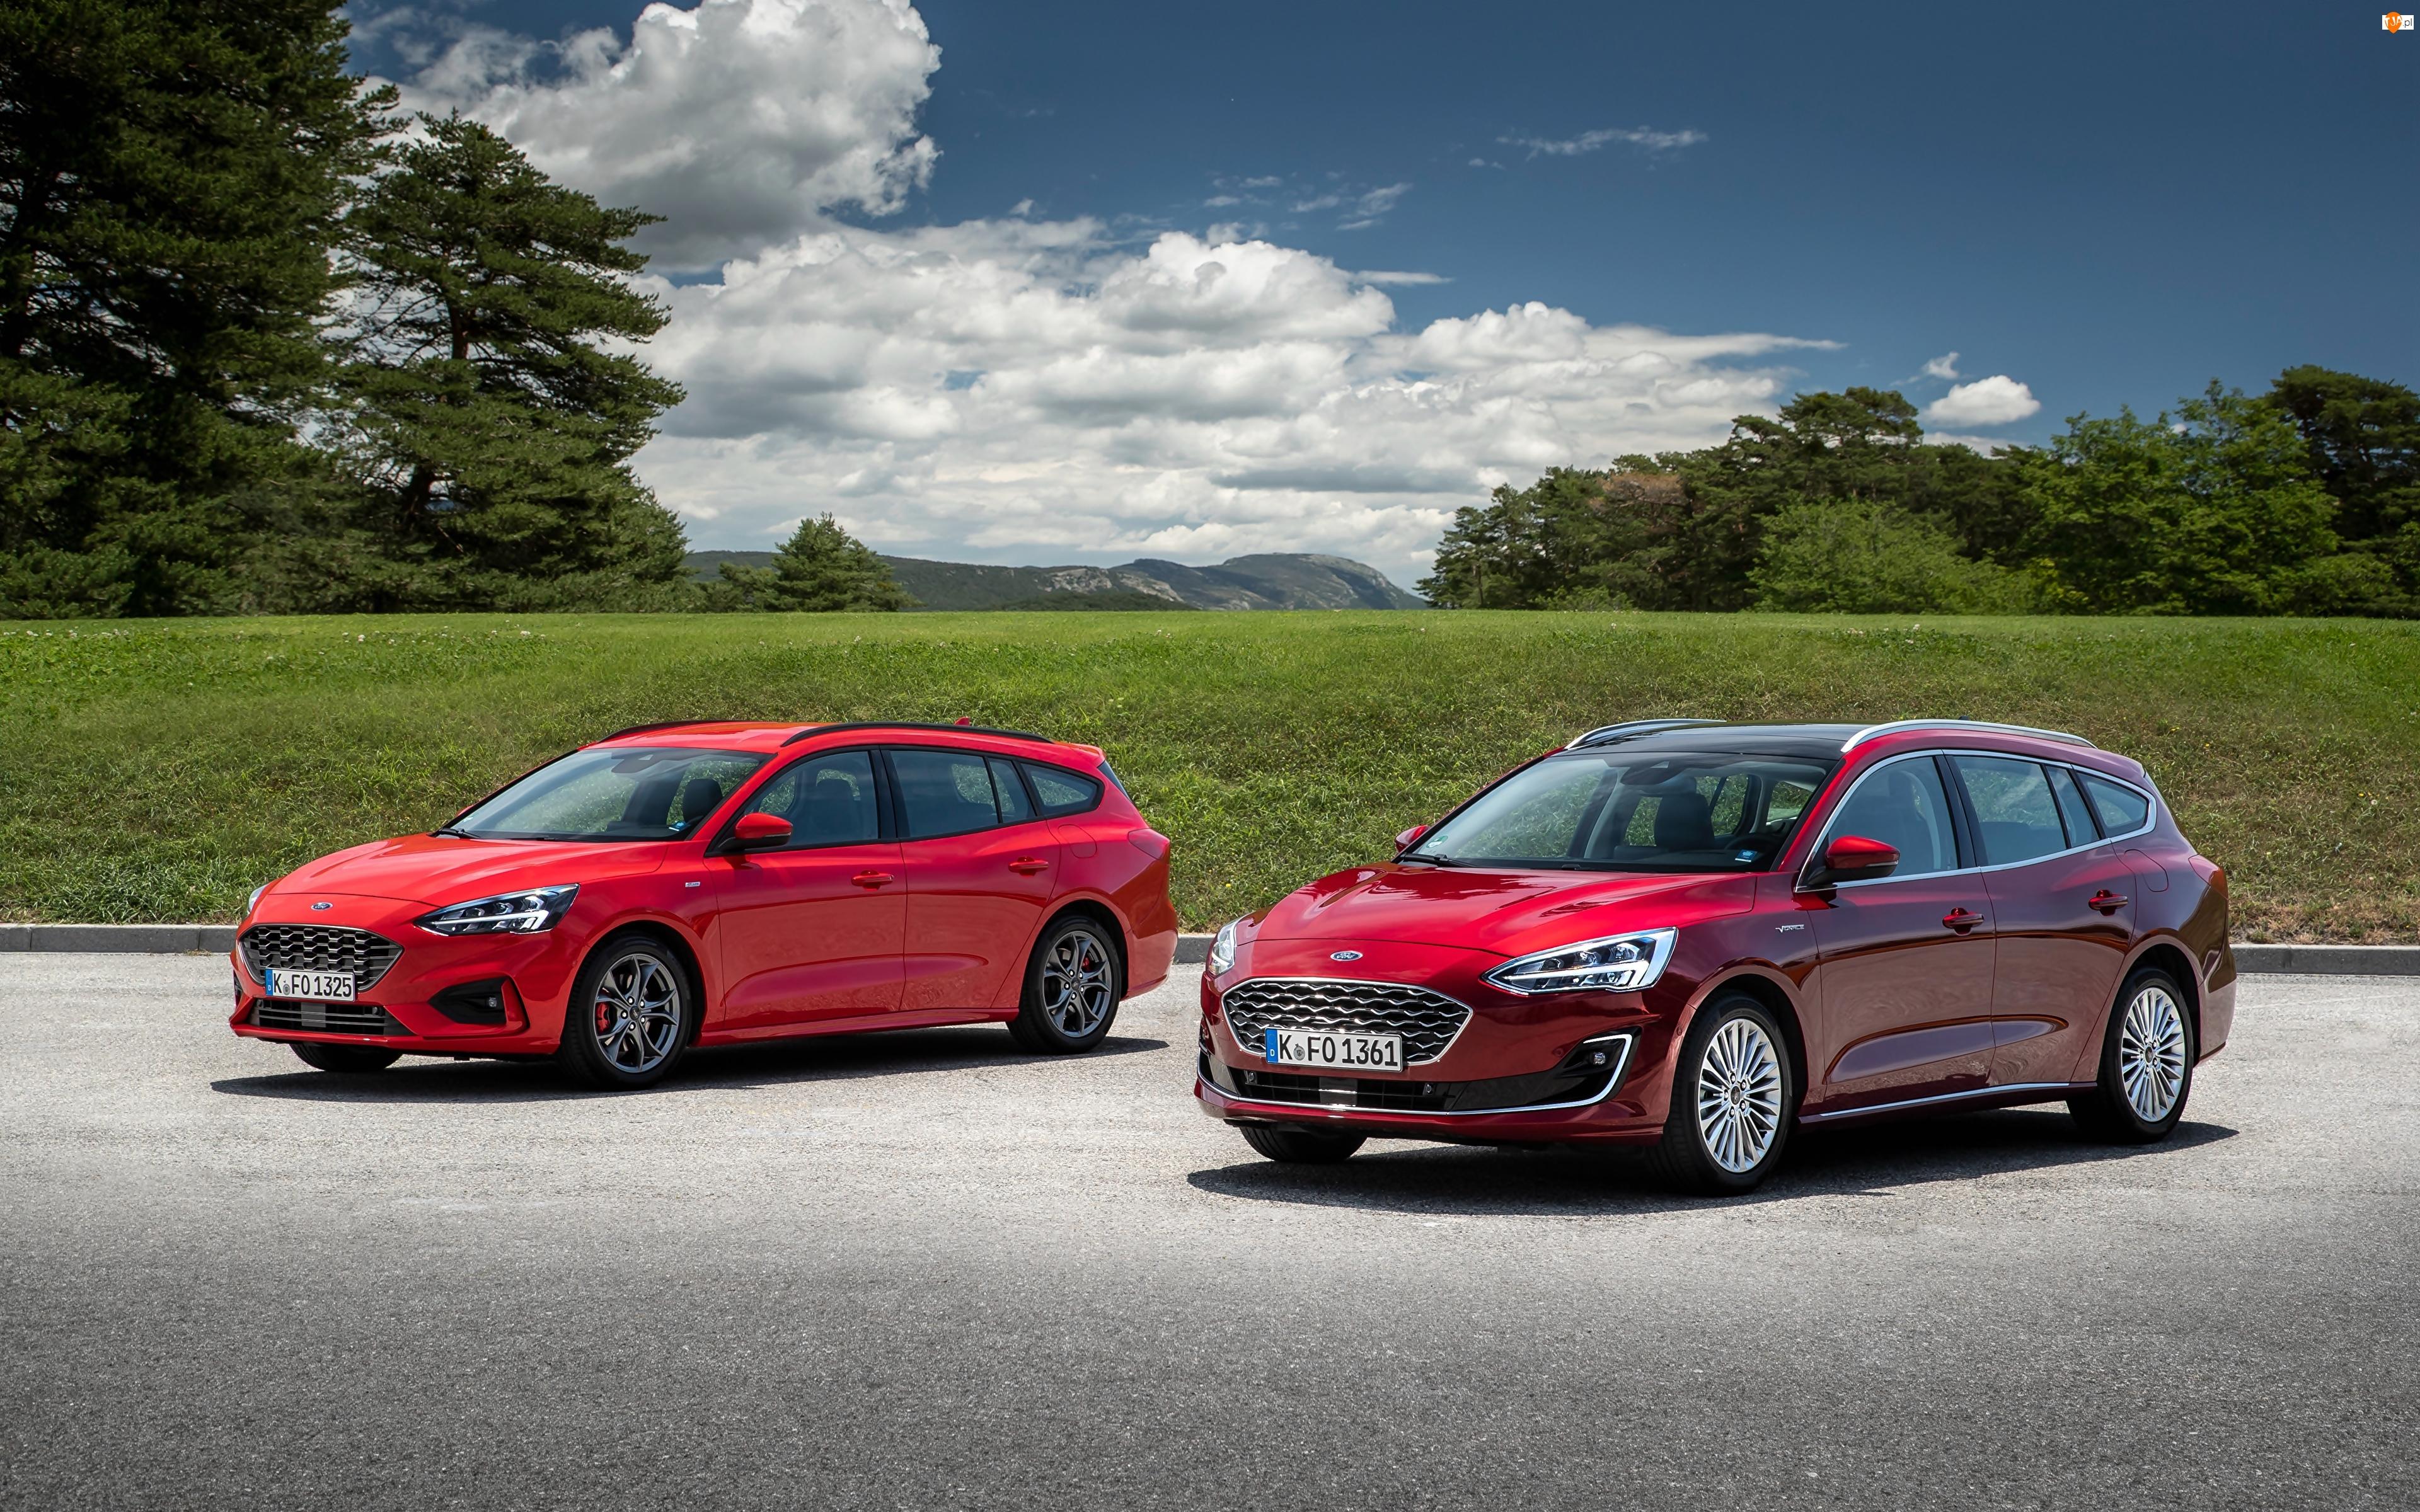 Samochody, Kombi, Czerwone, Dwa, Ford Focus ST